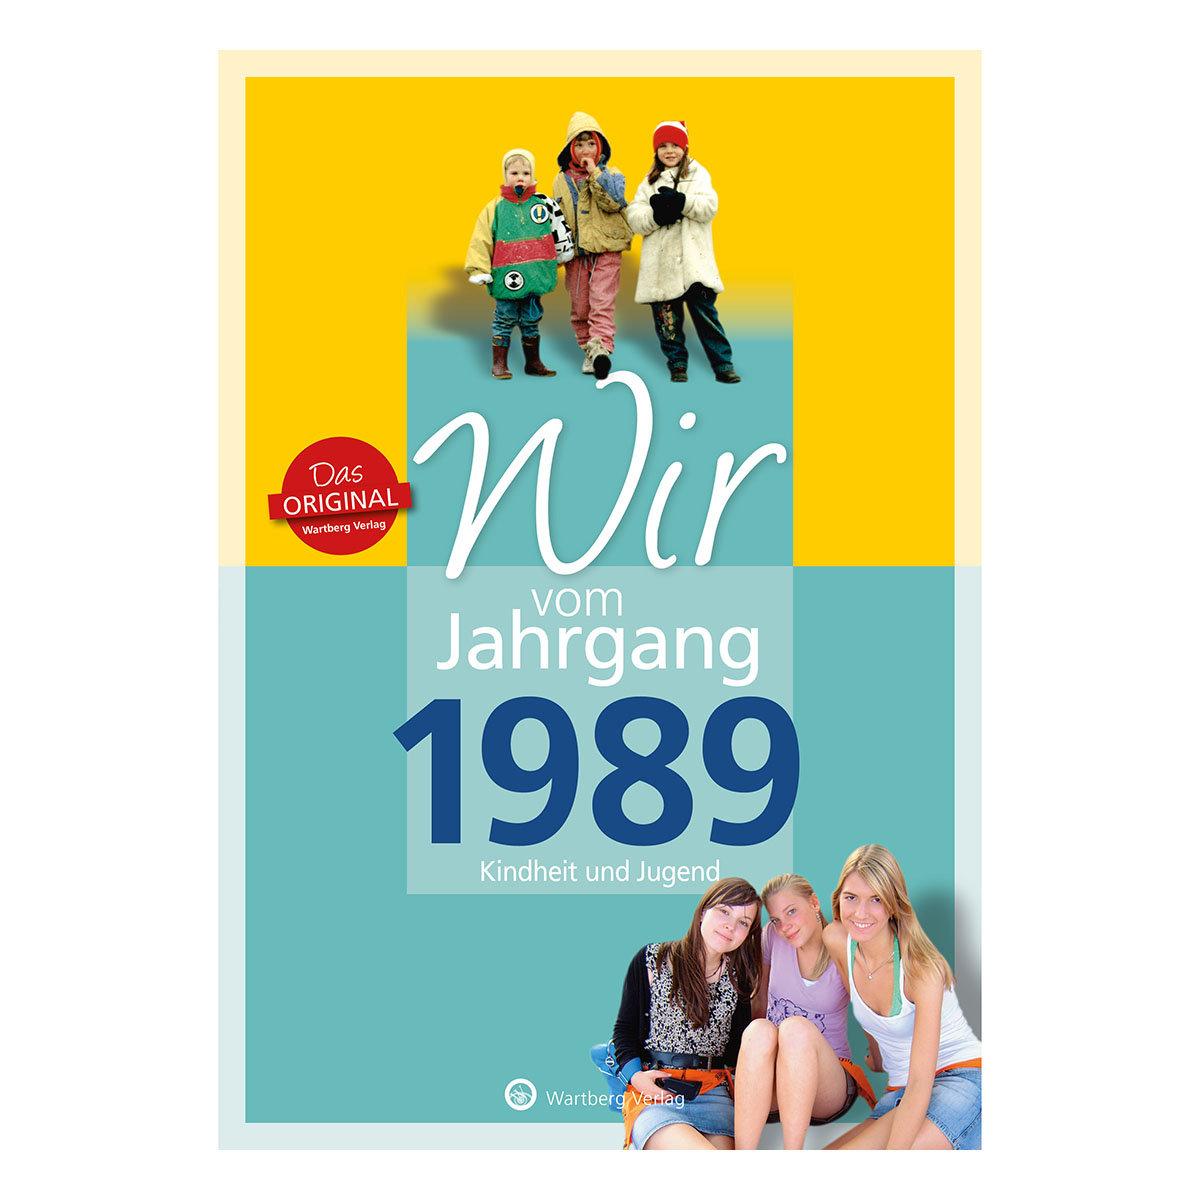 Wir vom Jahrgang 1989 - Kindheit und Jugend